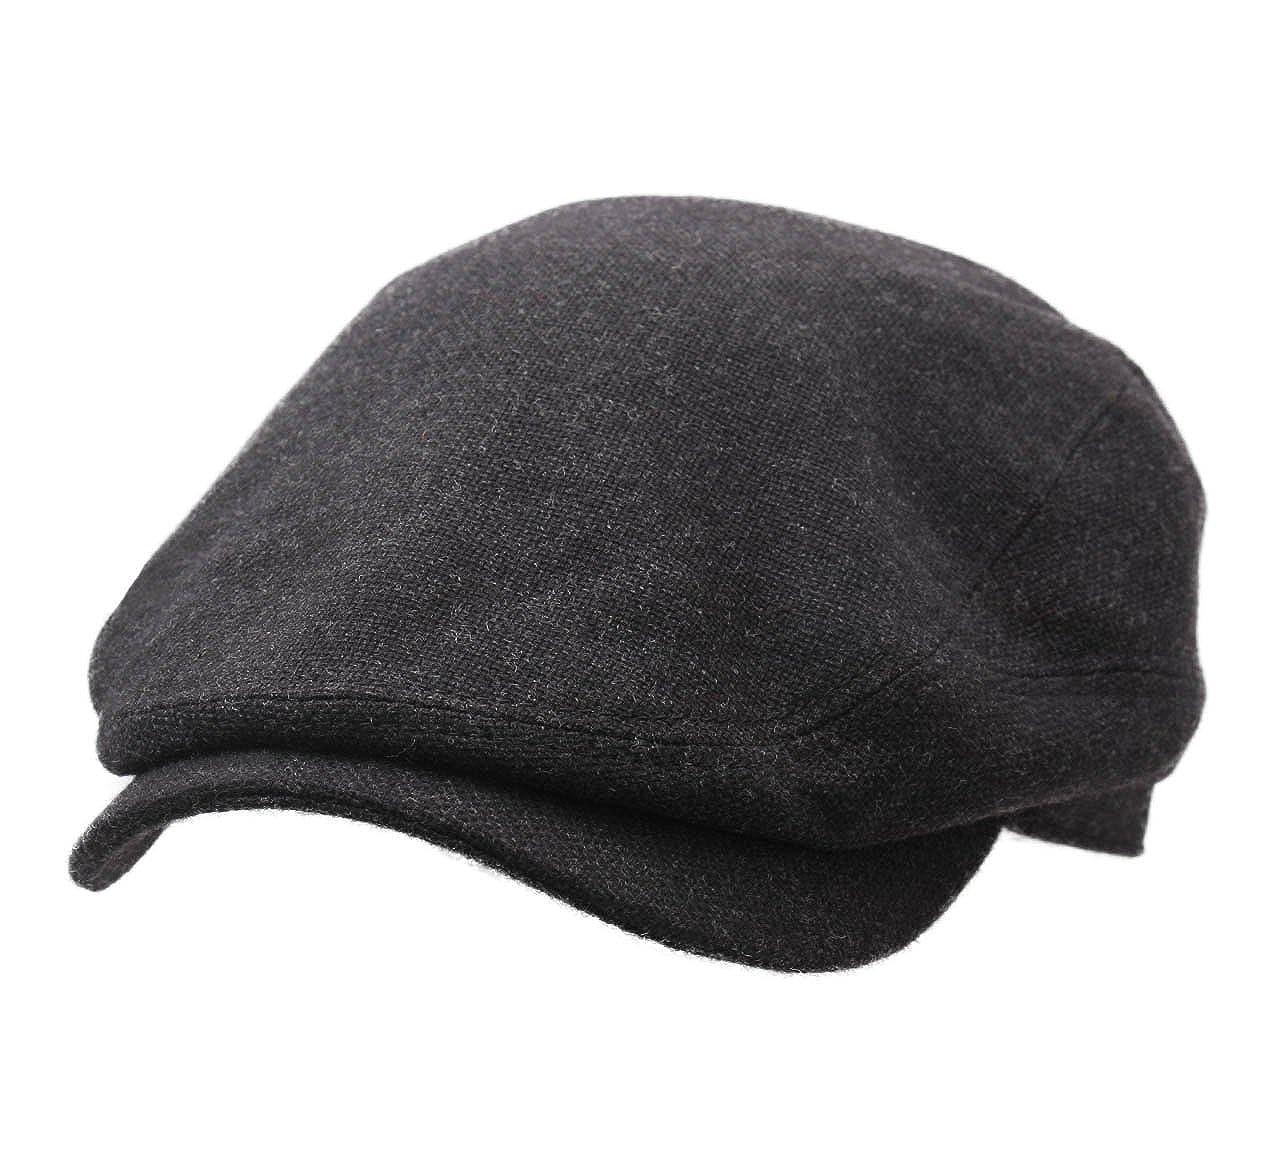 9e93fec25 Stetson Men's Driver Cap Virgin Wool/Cashmere Flat Cap Size M at ...